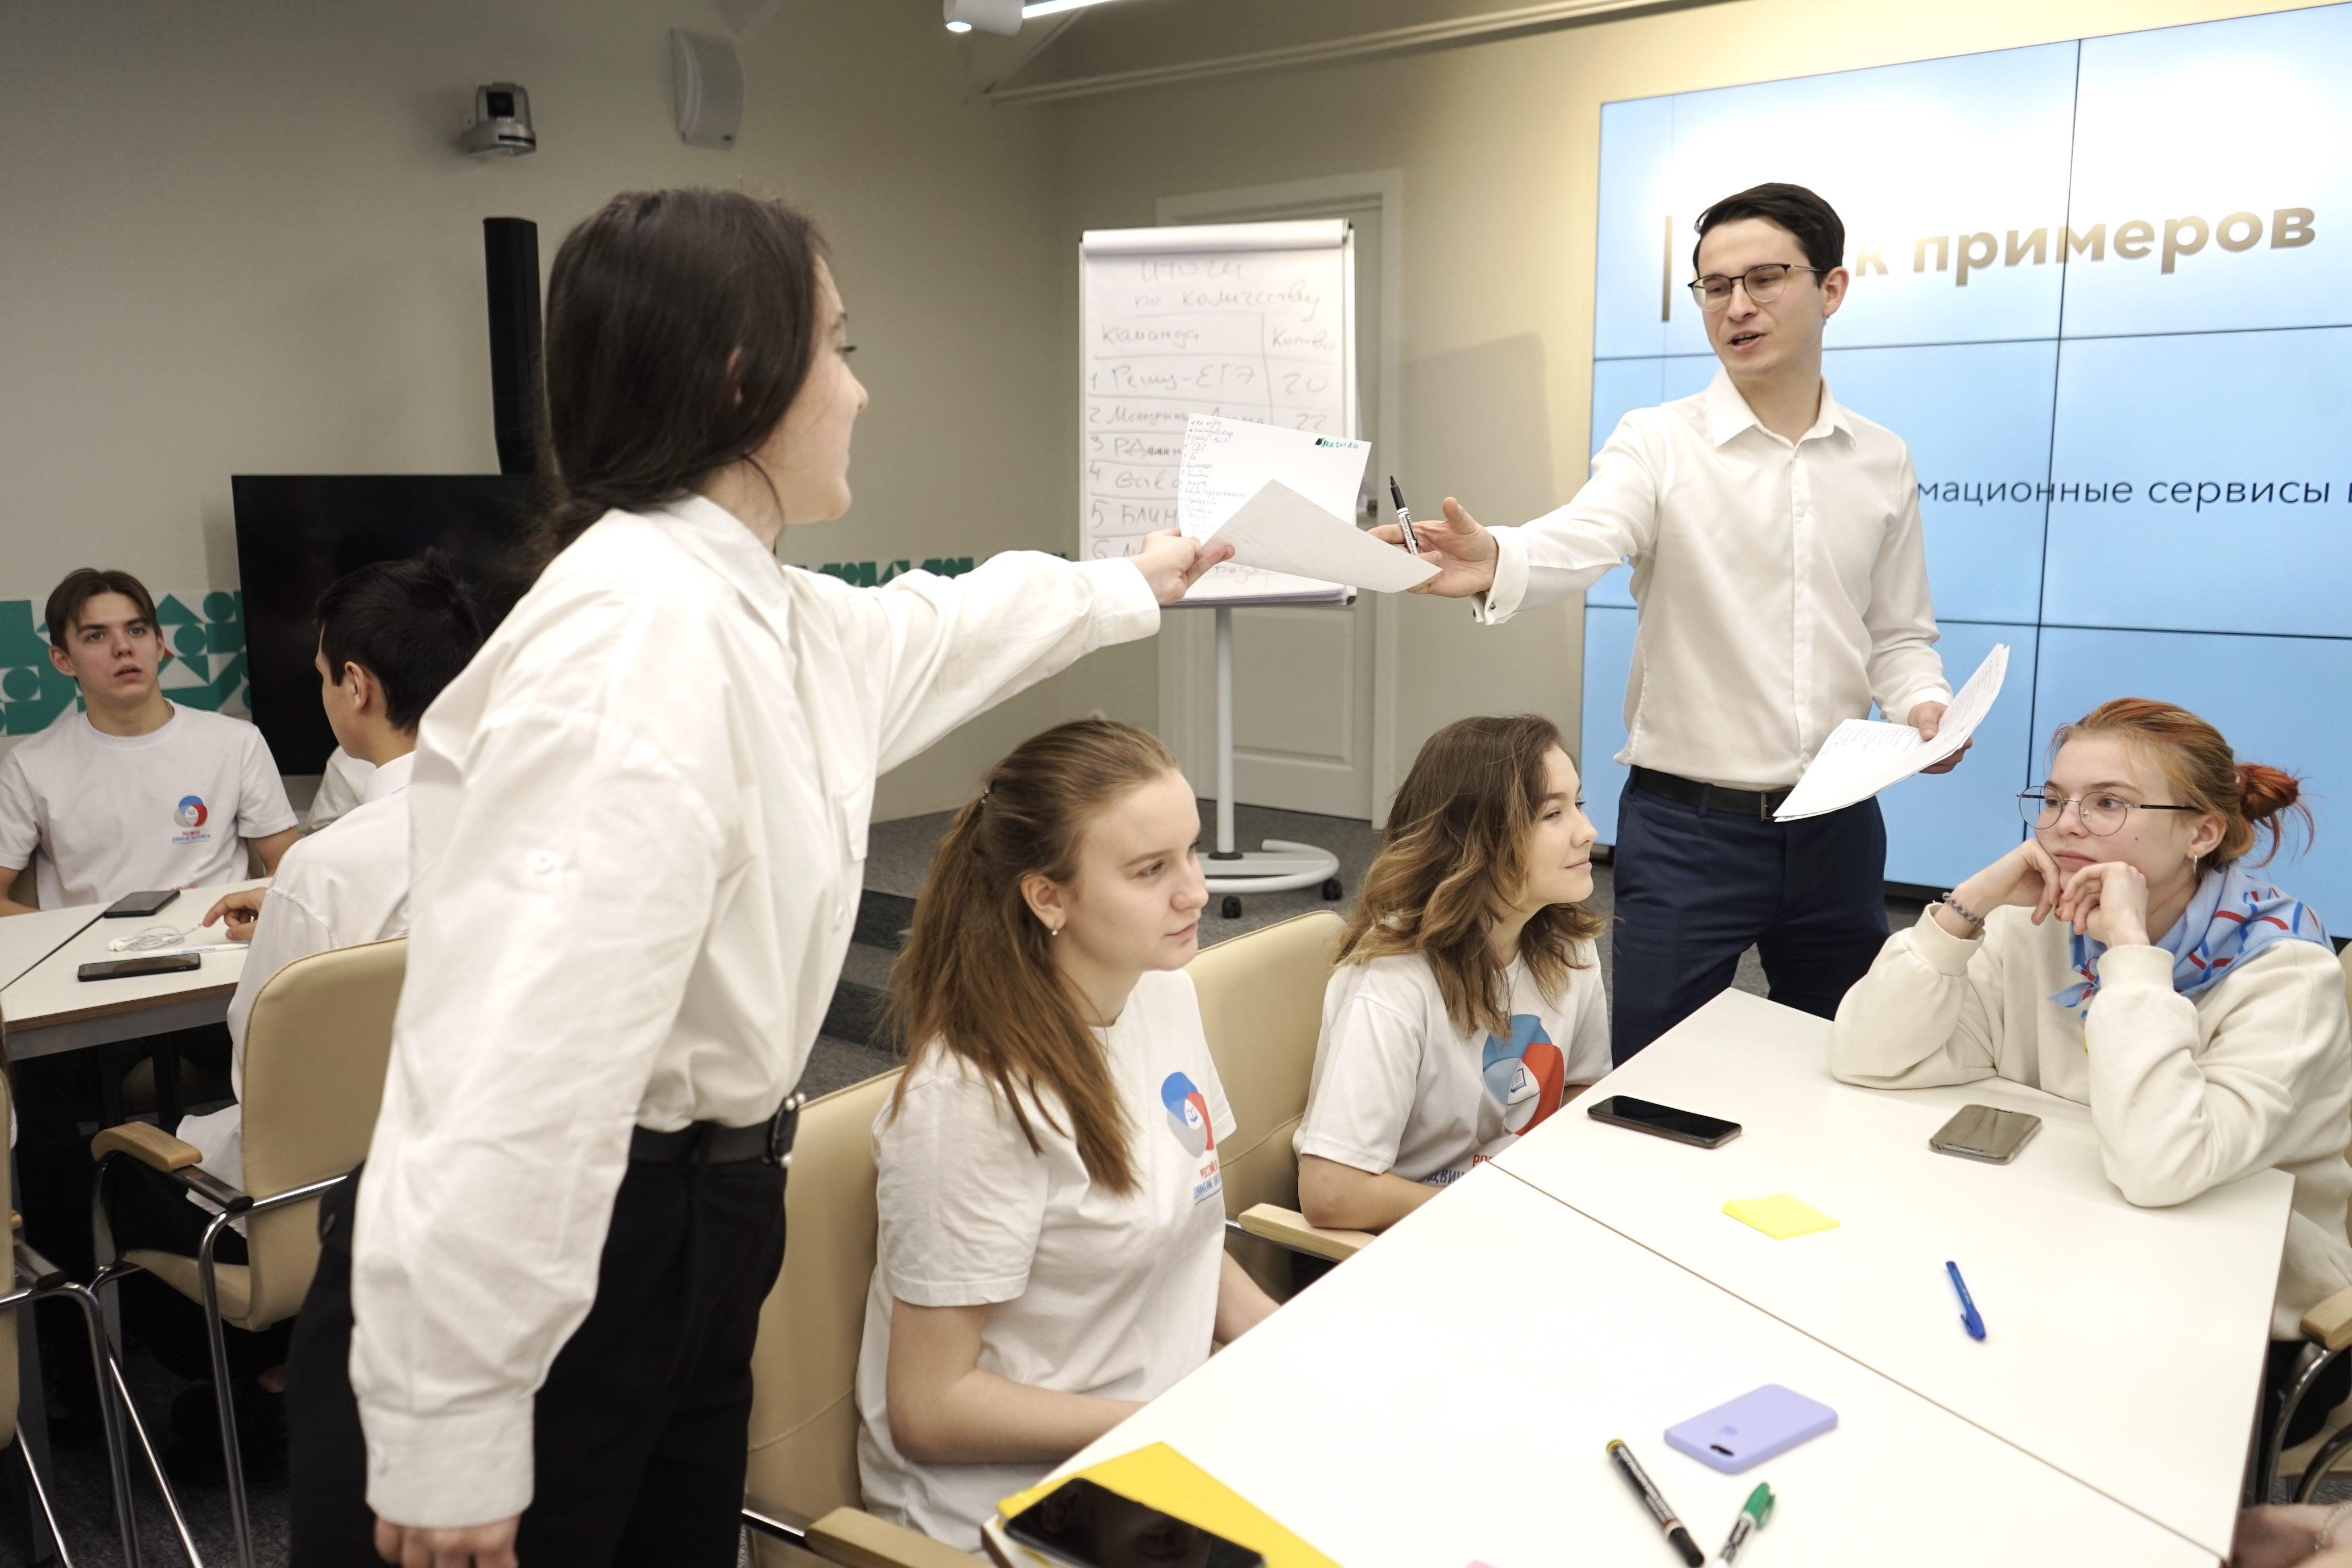 Я-школьник: Бортовой журнал космонавта для школьников Татарстана